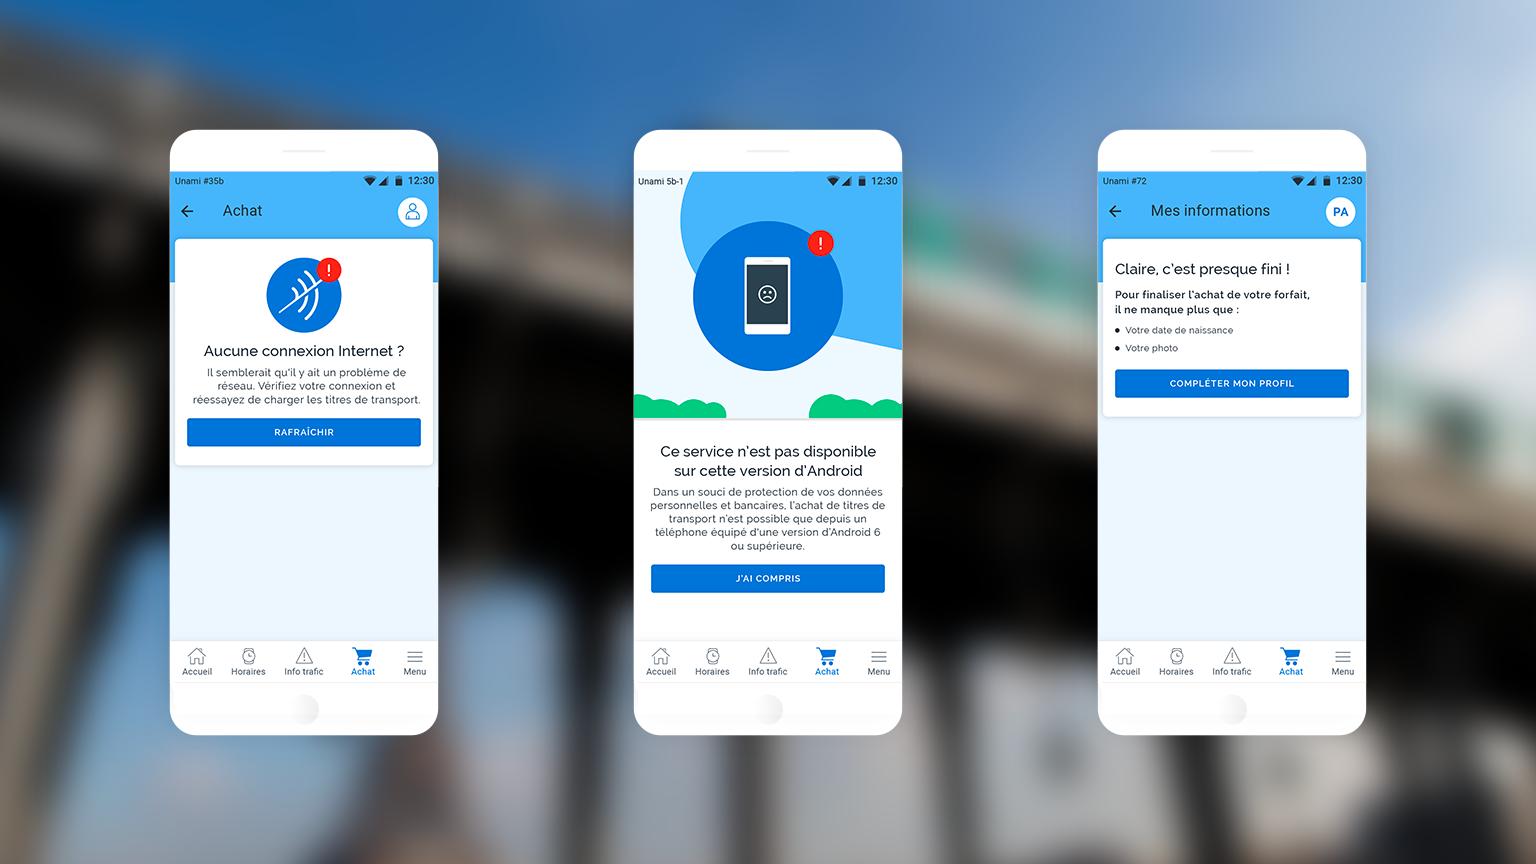 Captures d'écran présentant des indications et messages pour guider l'utilisateur sur l'application Vianavigo